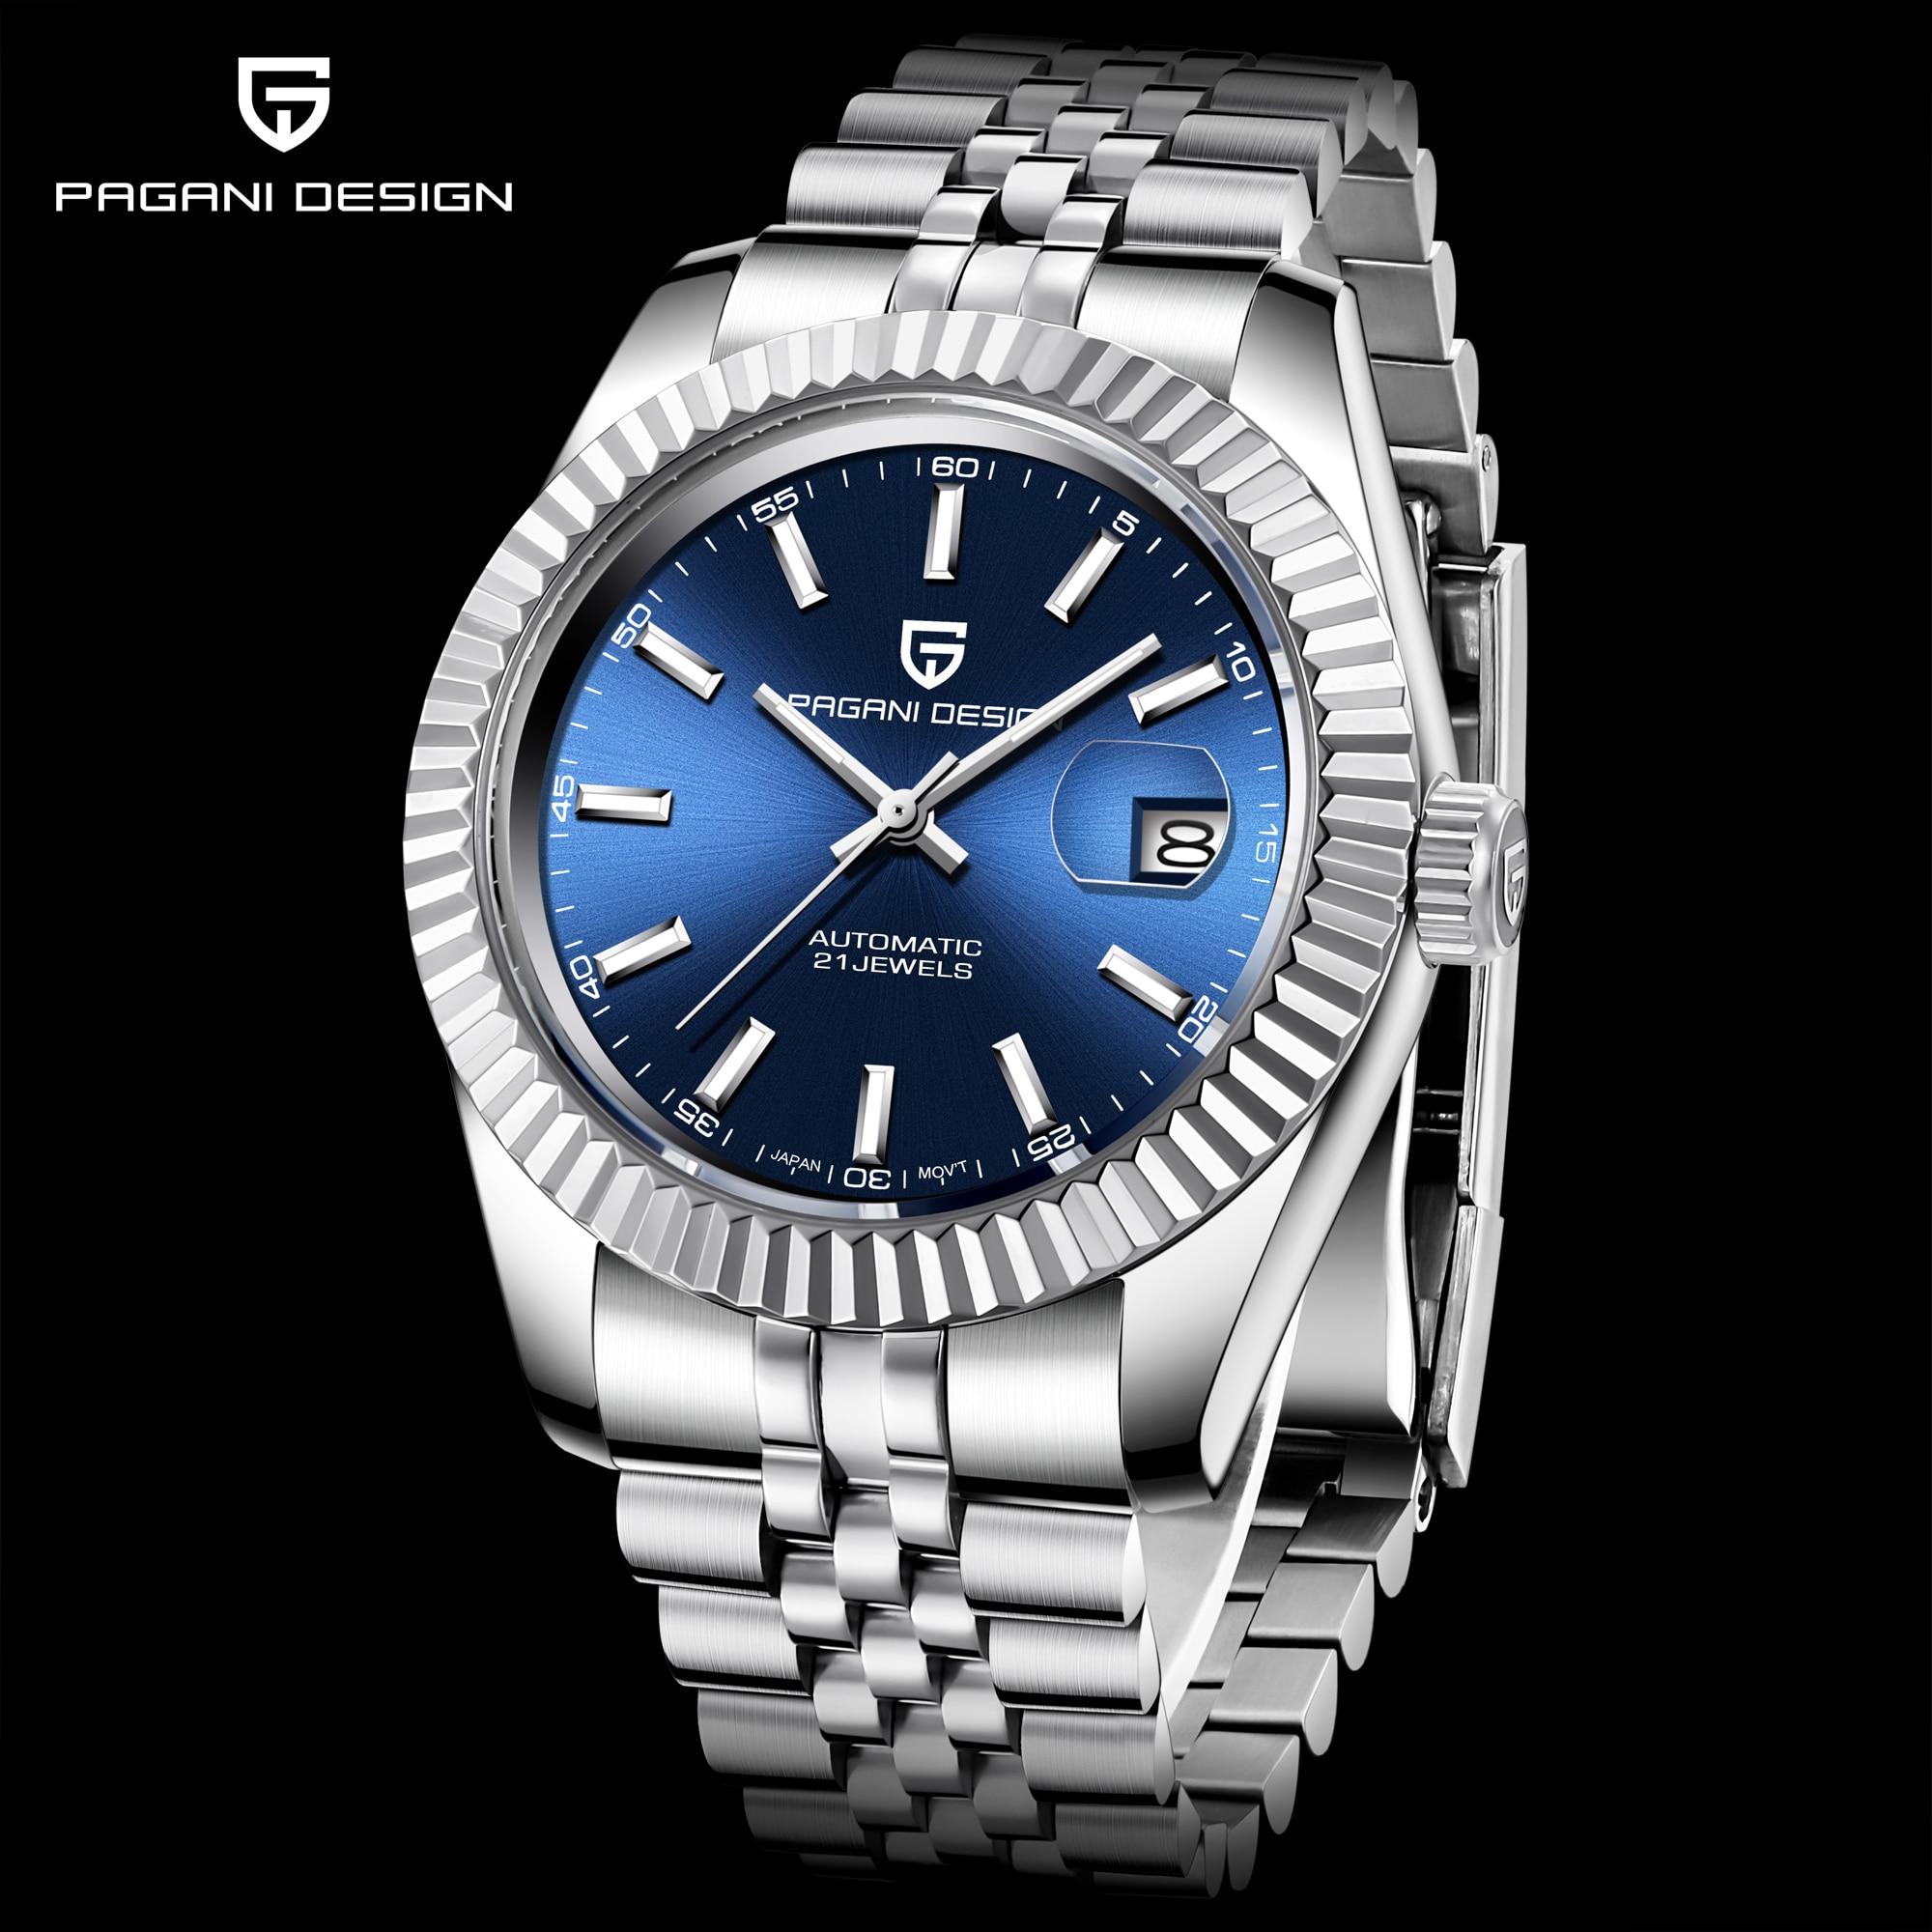 PAGANI DESIGN 2019 nouveaux hommes Top luxe montres mécaniques hommes mode entièrement en acier étanche automatique Montre horloge Montre Homme - 2